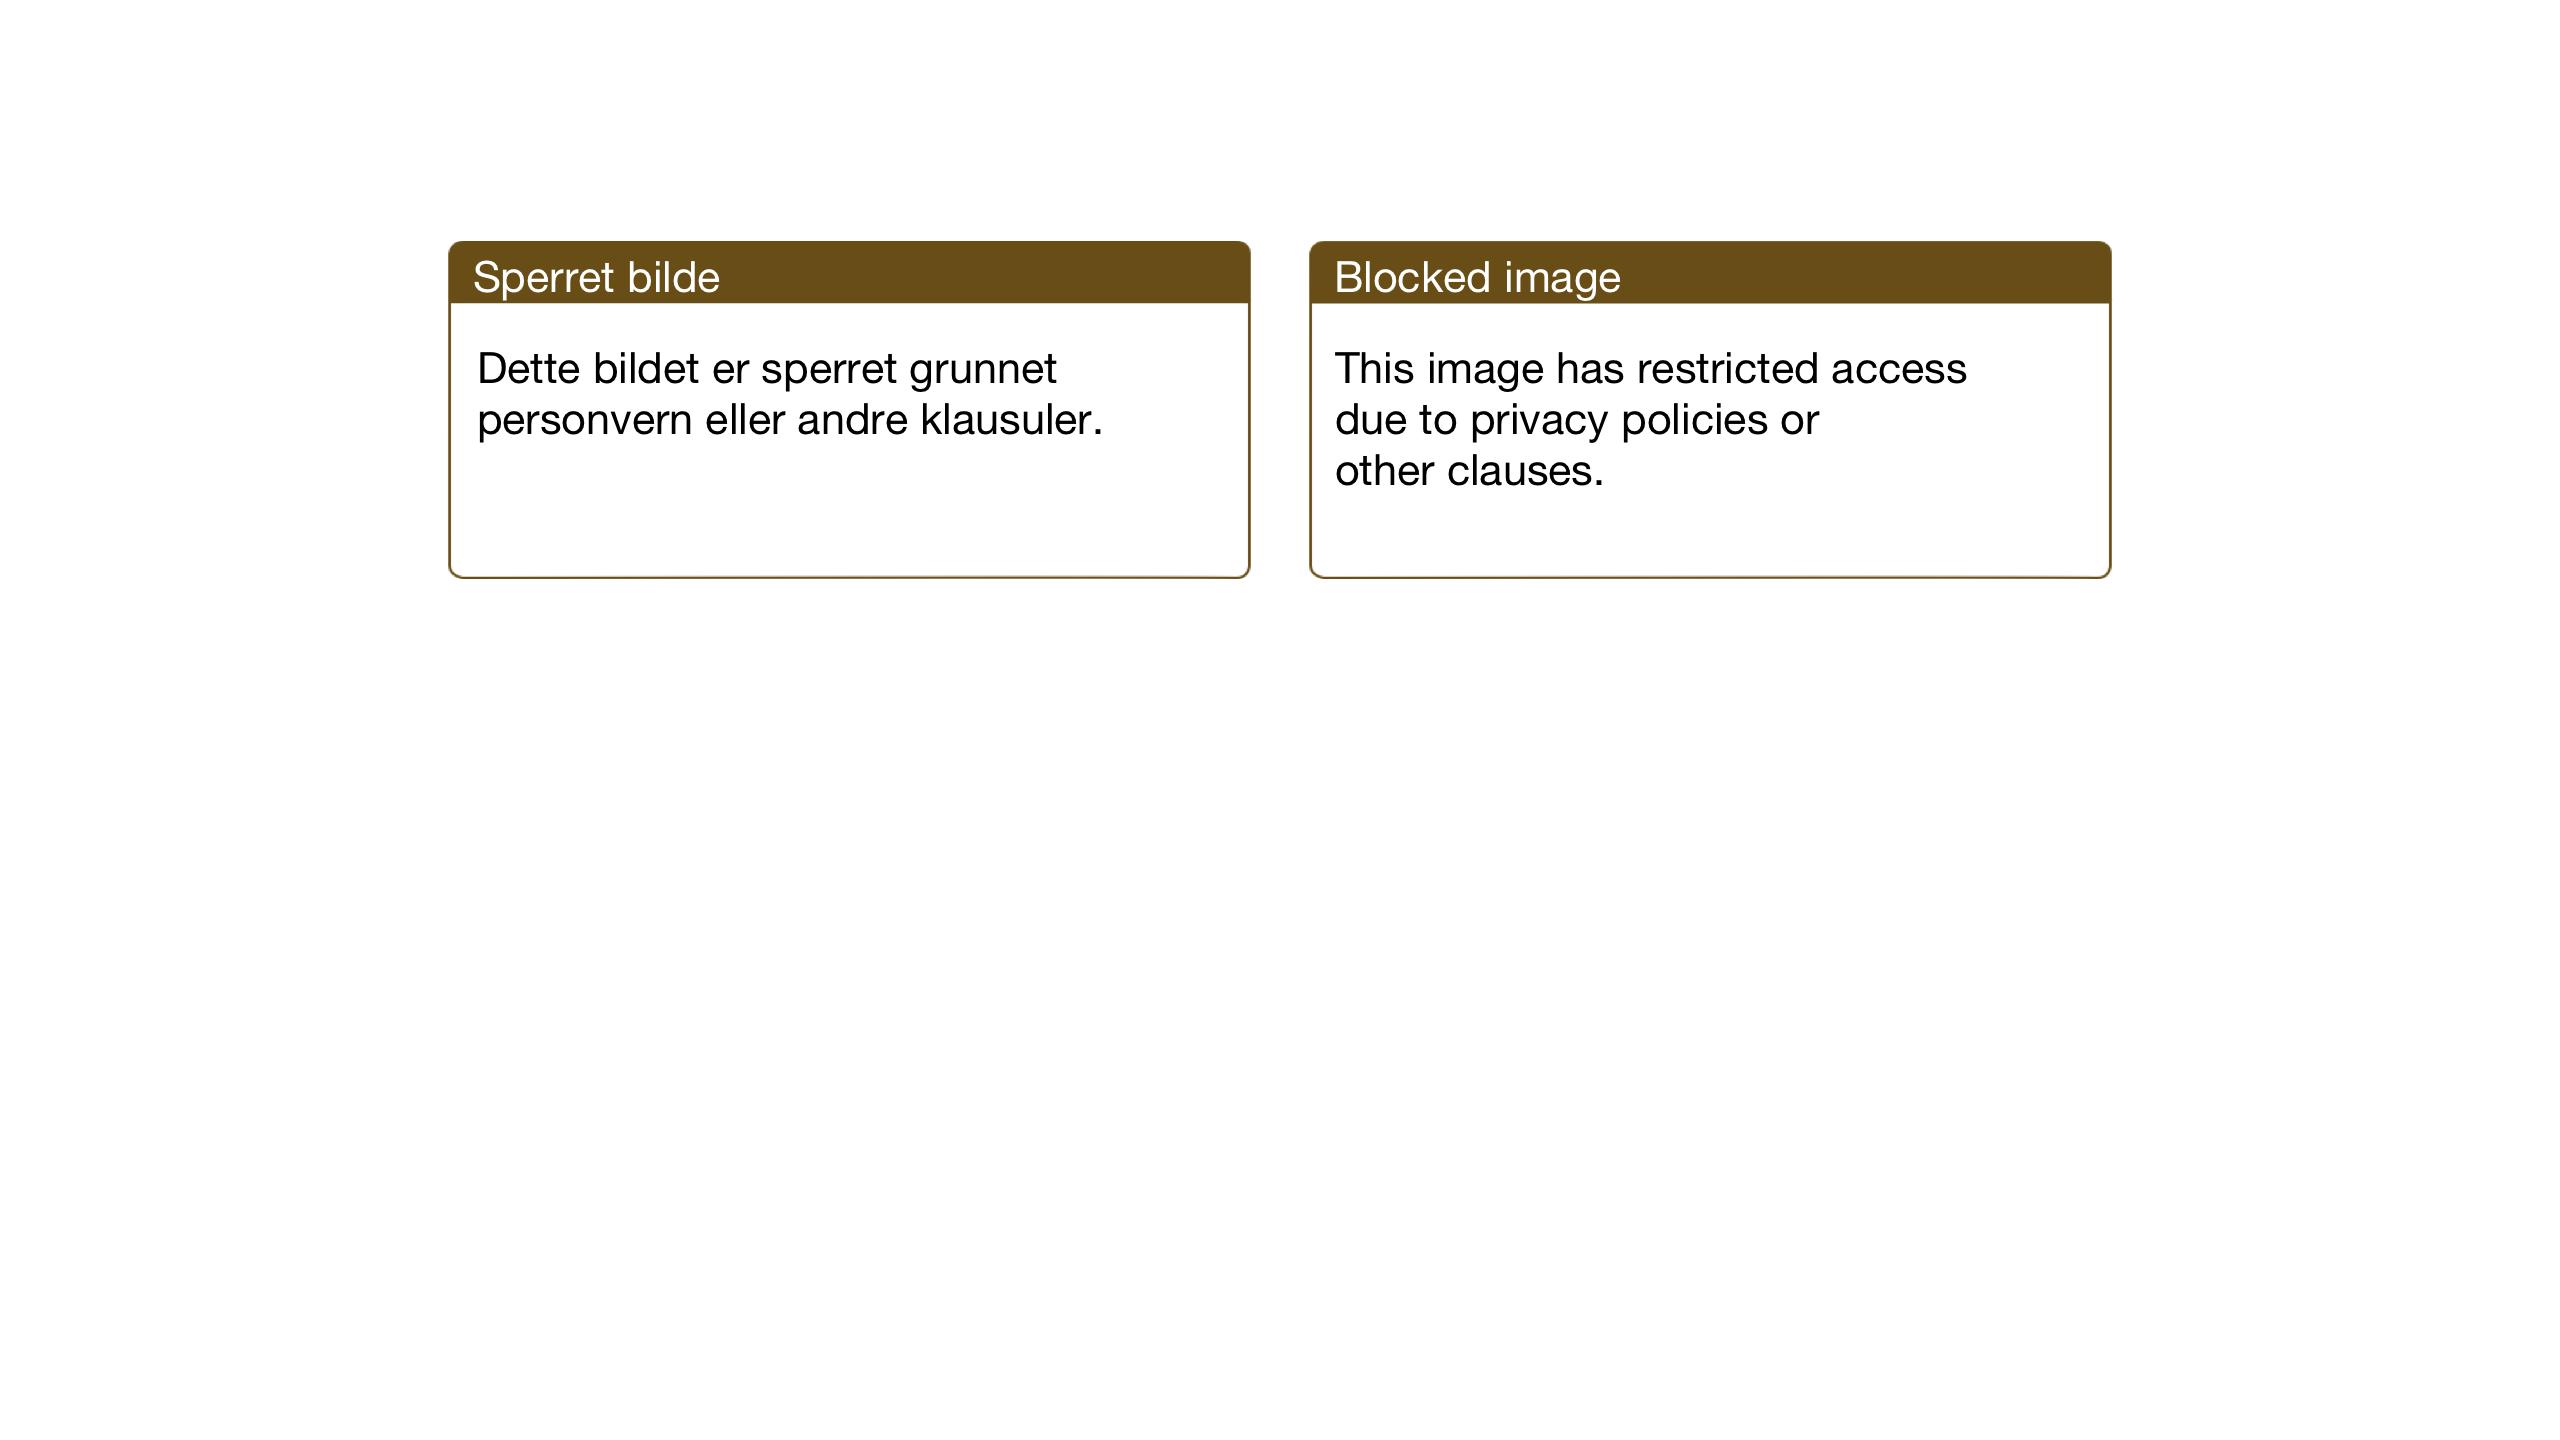 SAT, Ministerialprotokoller, klokkerbøker og fødselsregistre - Sør-Trøndelag, 603/L0175: Klokkerbok nr. 603C03, 1923-1941, s. 198